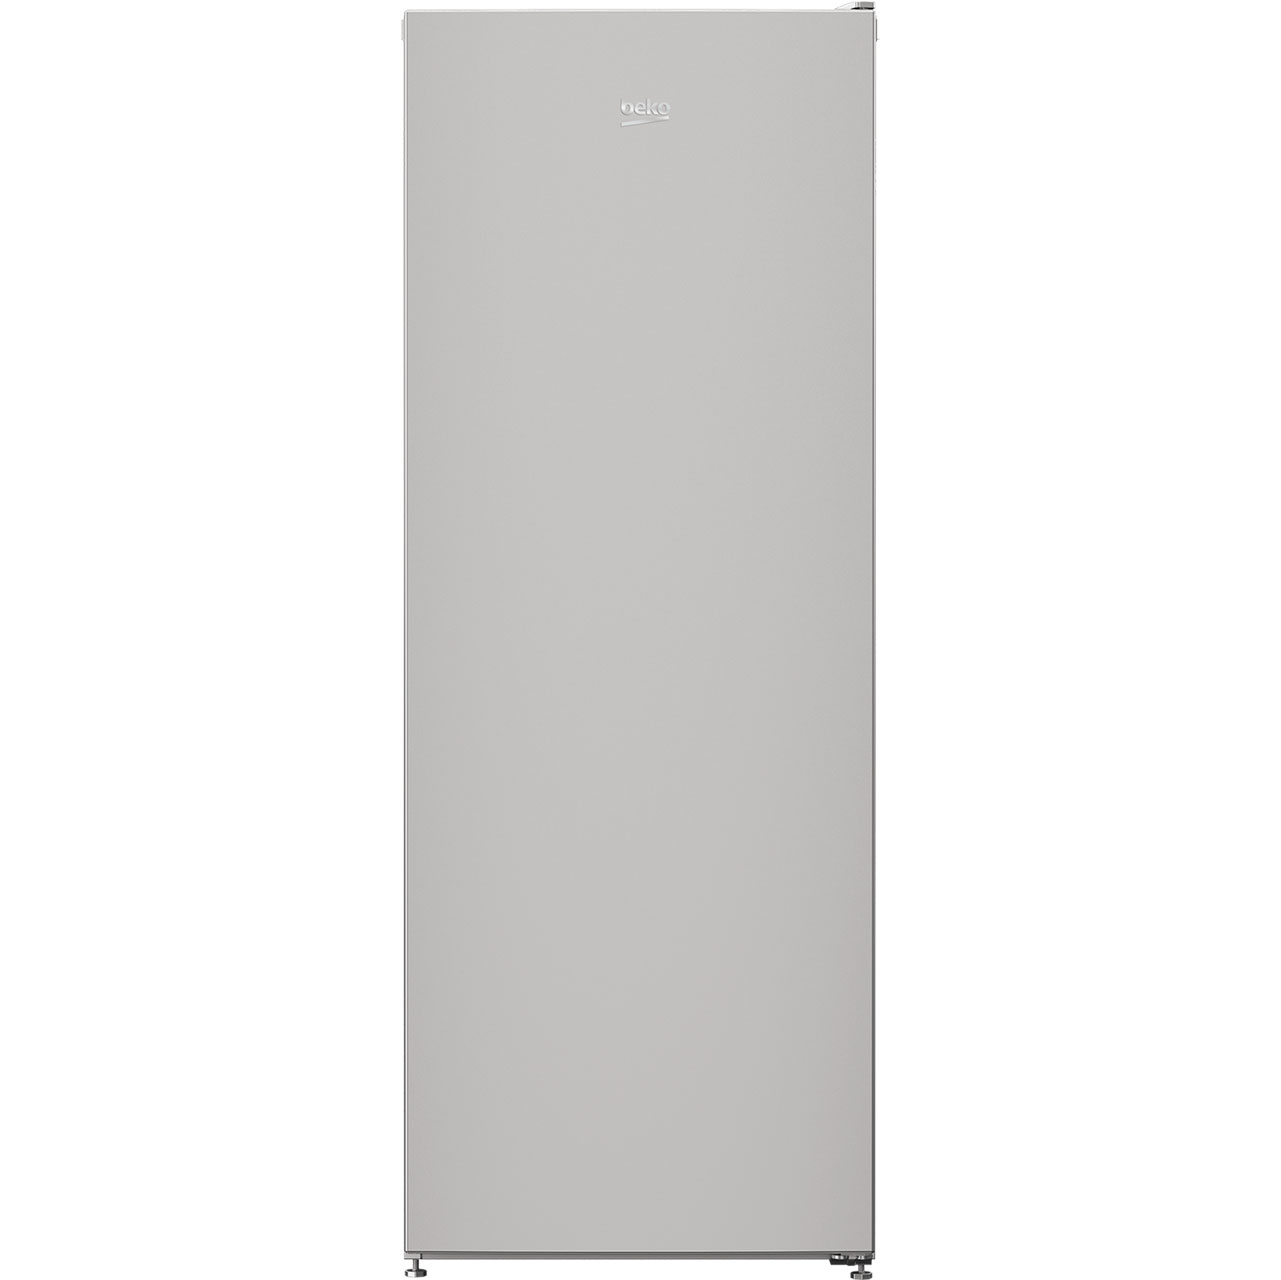 Beko LSG1545S Free Standing Larder Fridge in Silver